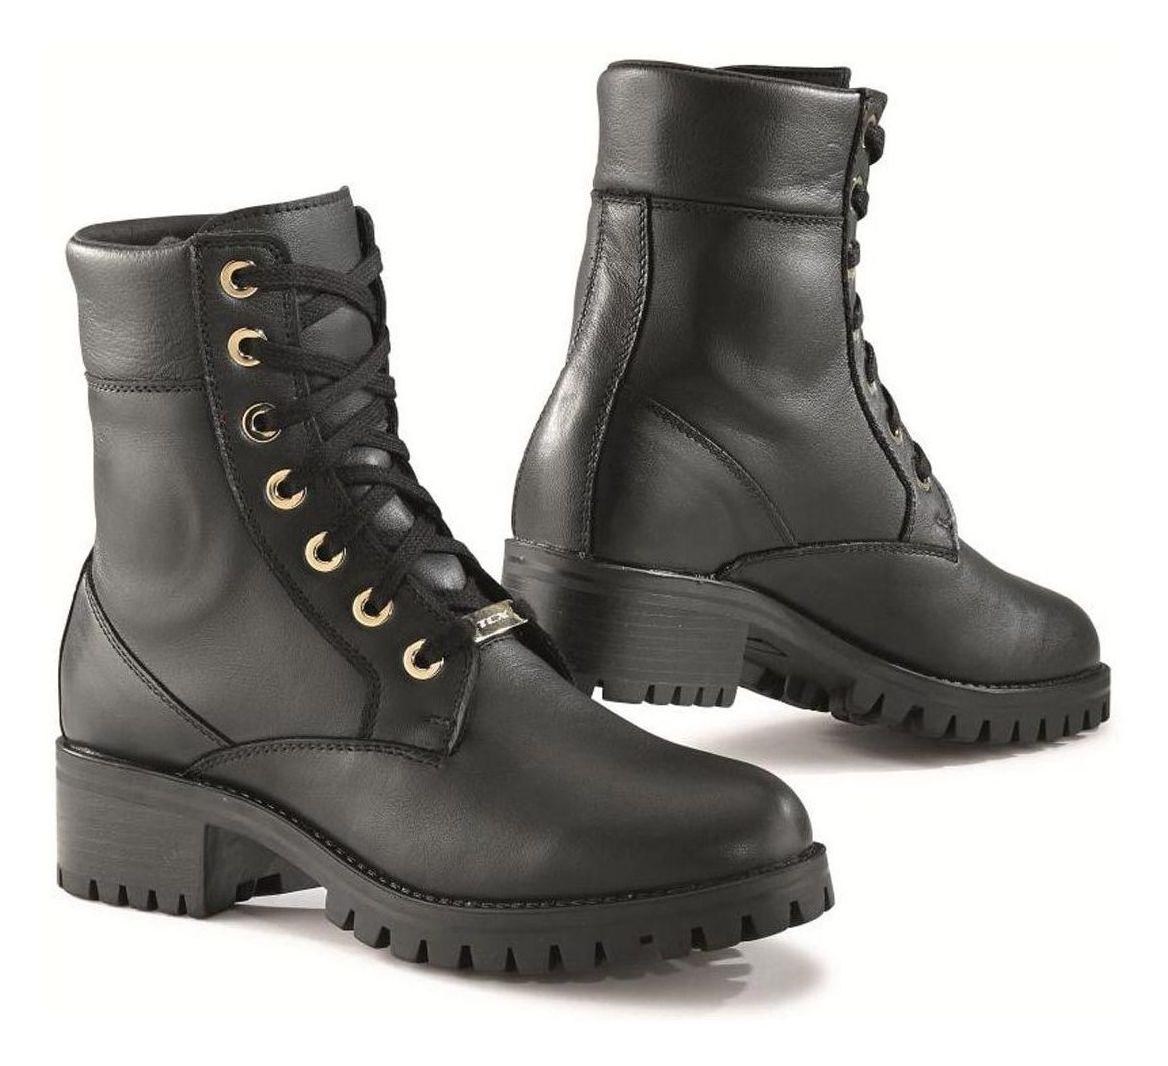 TCX Smoke WP Women's Boots - RevZilla